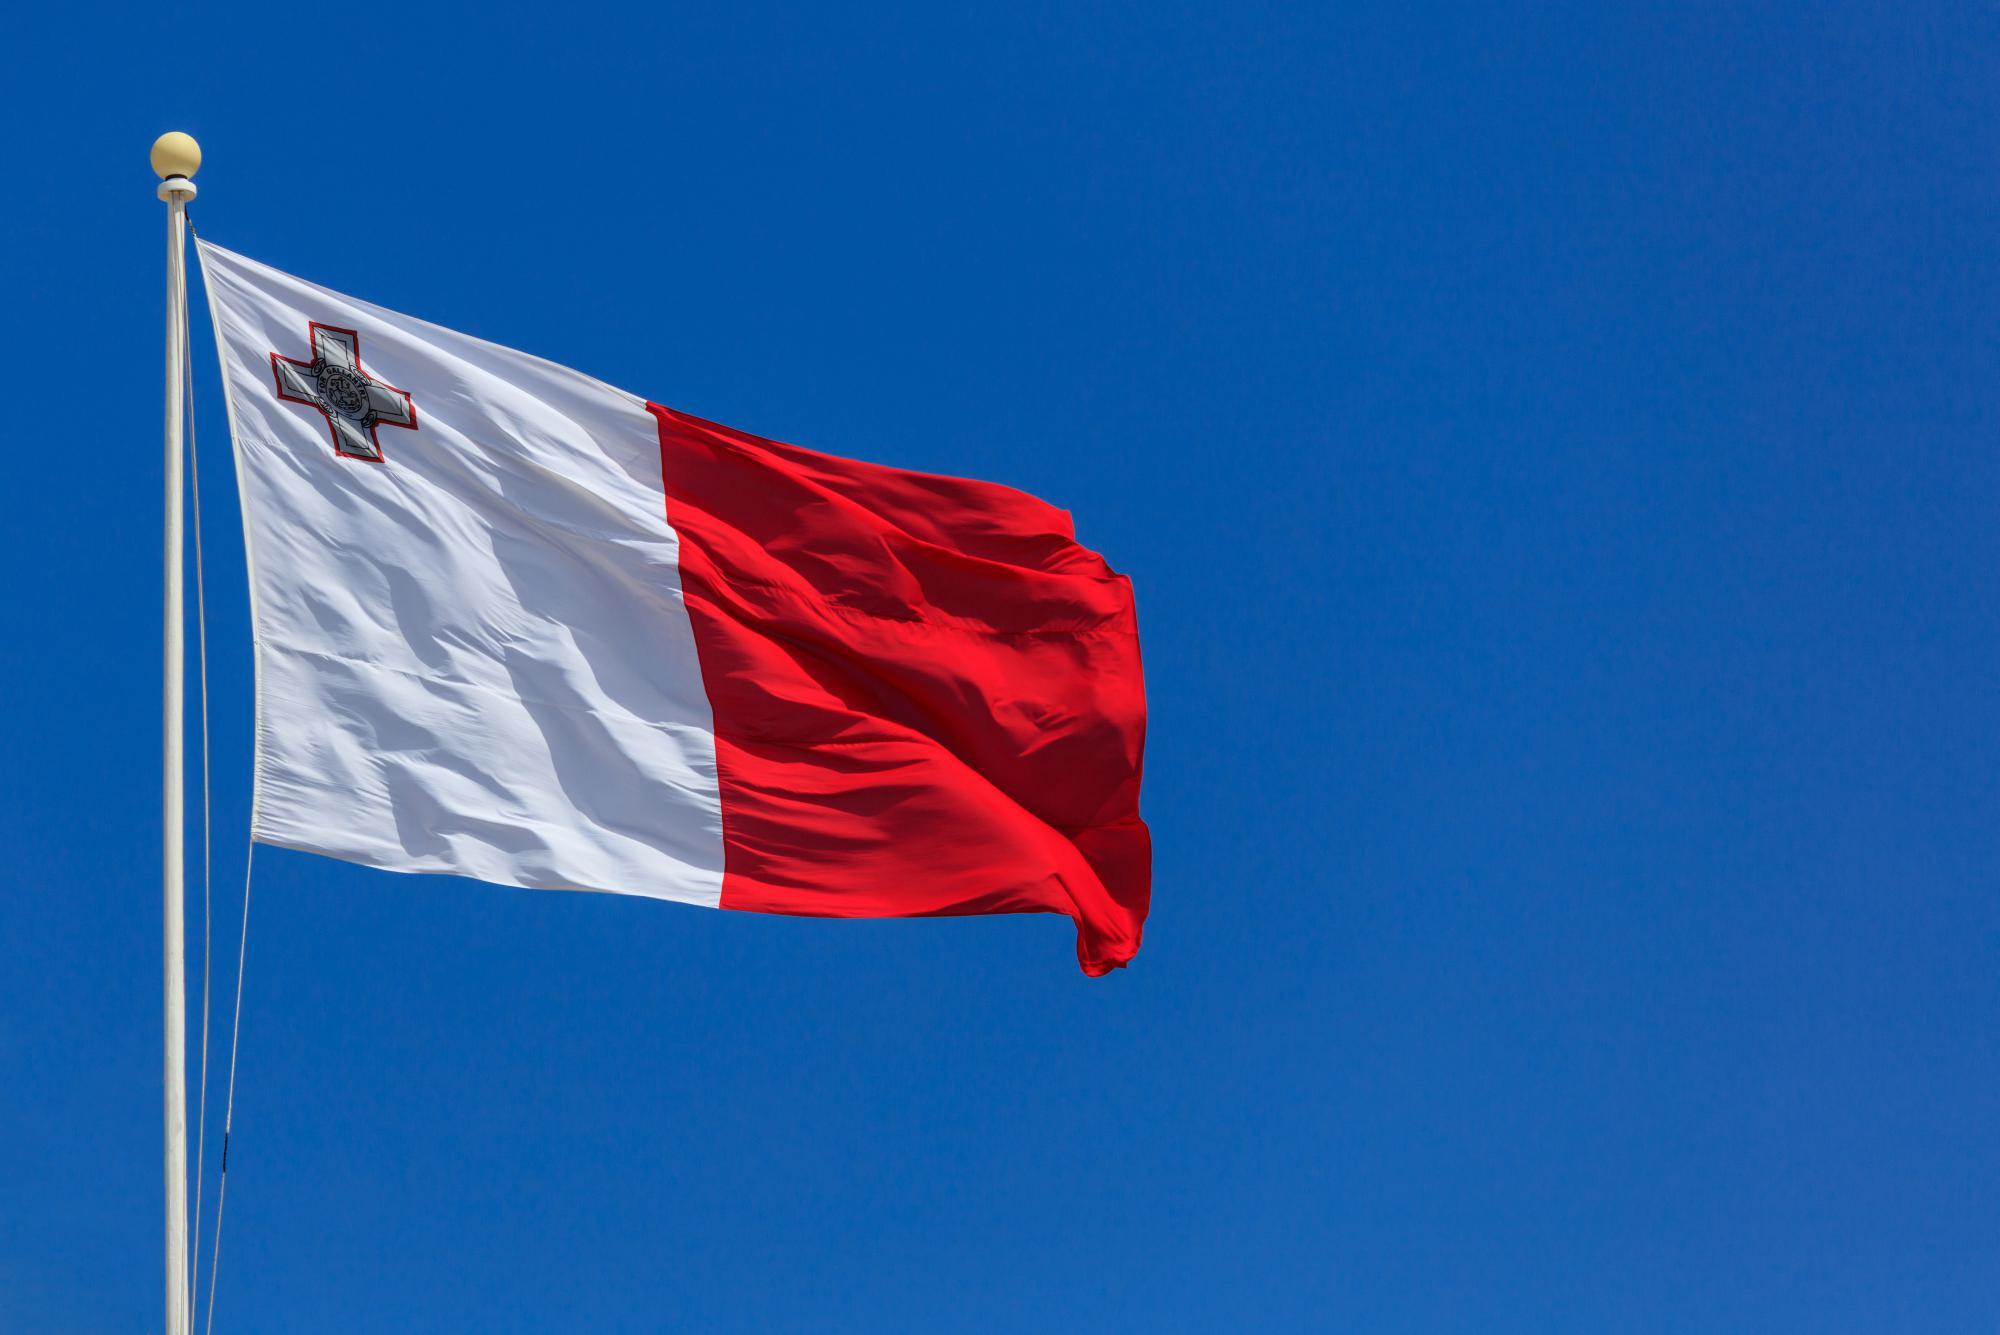 Власти Мальты начали сотрудничество с органами безопасности США при выдаче гражданства